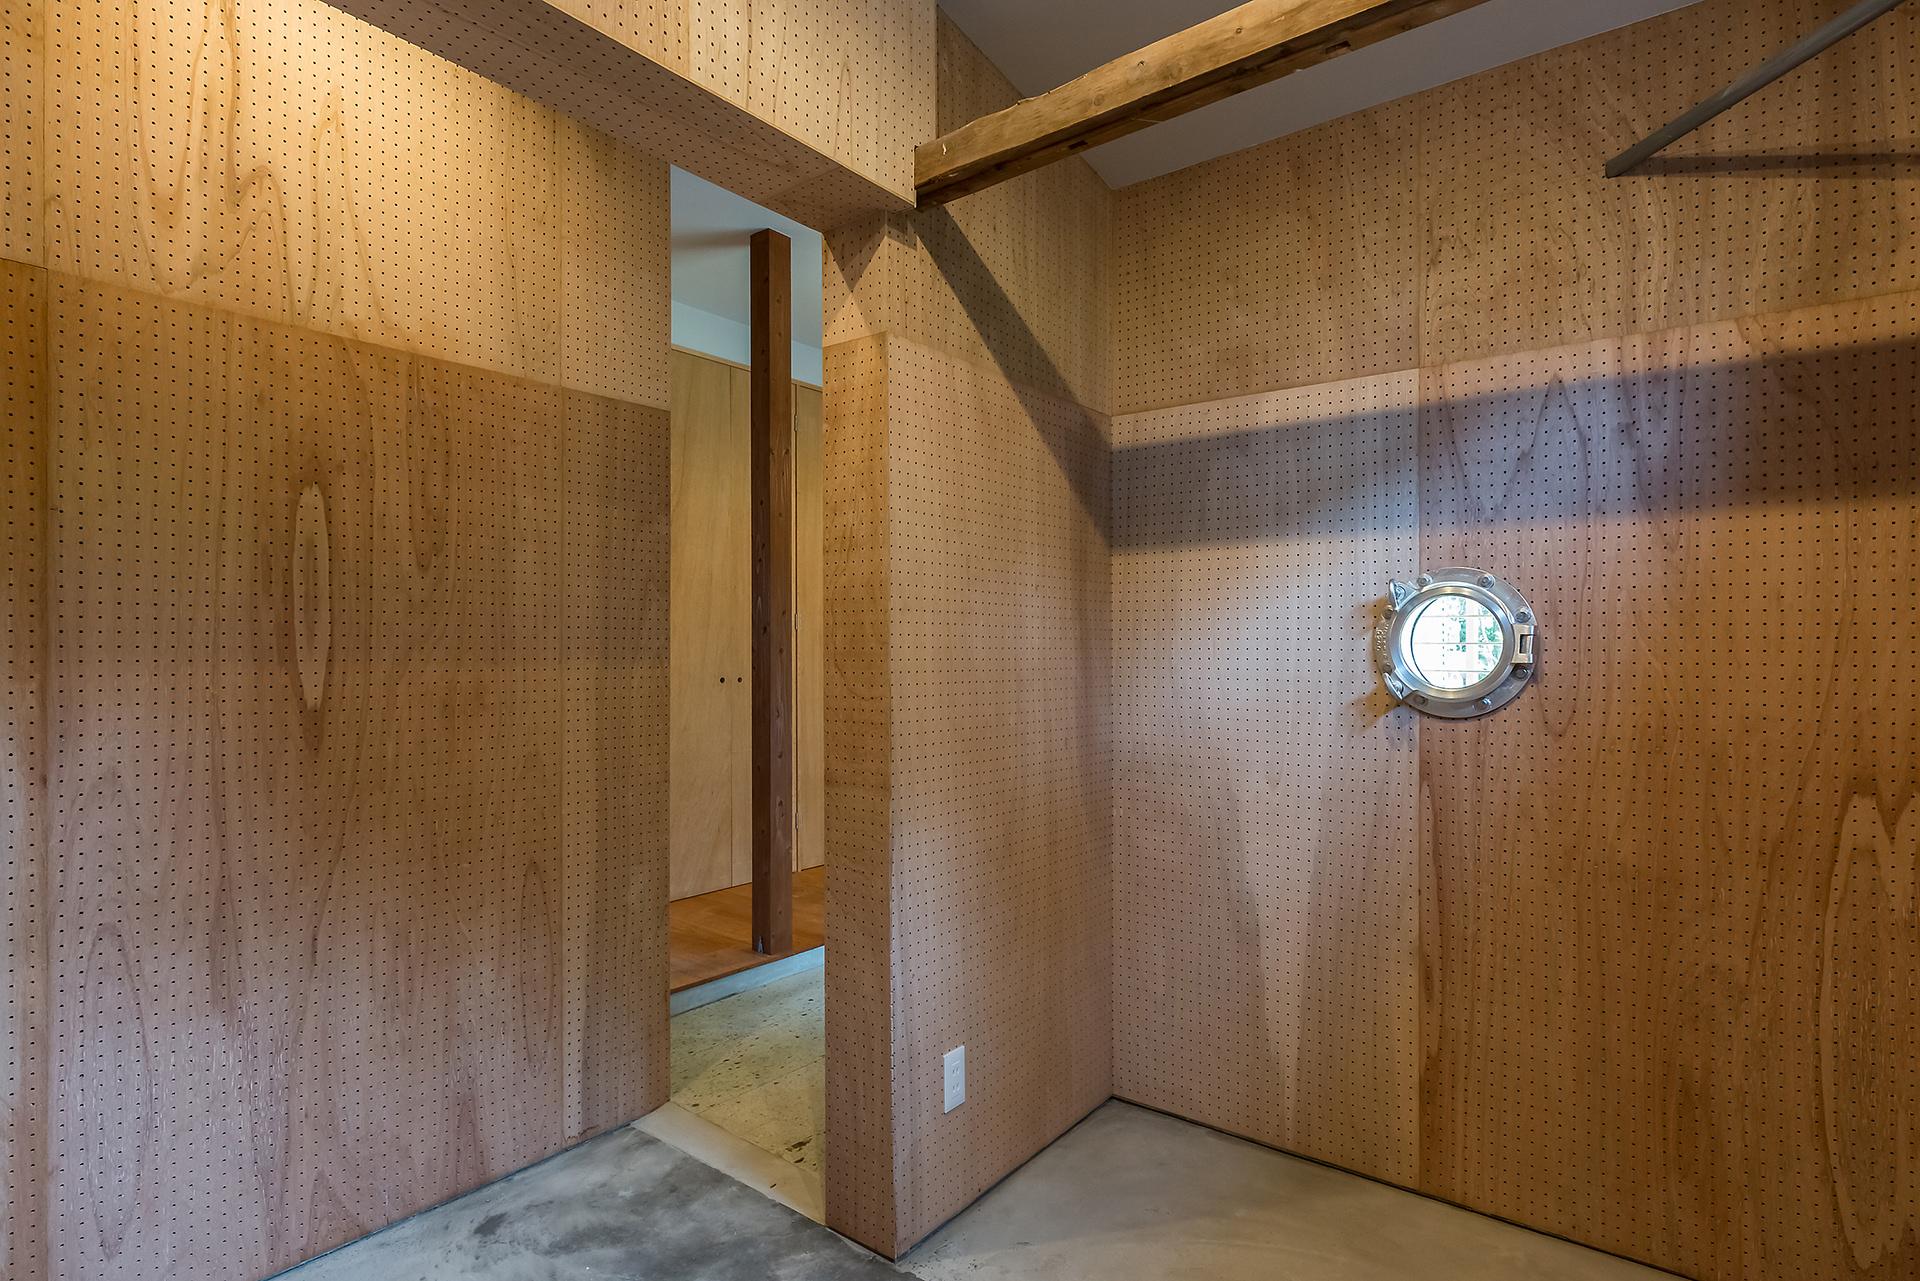 小屋と吹き抜けのある家 イメージ08 撮影:東涌宏和